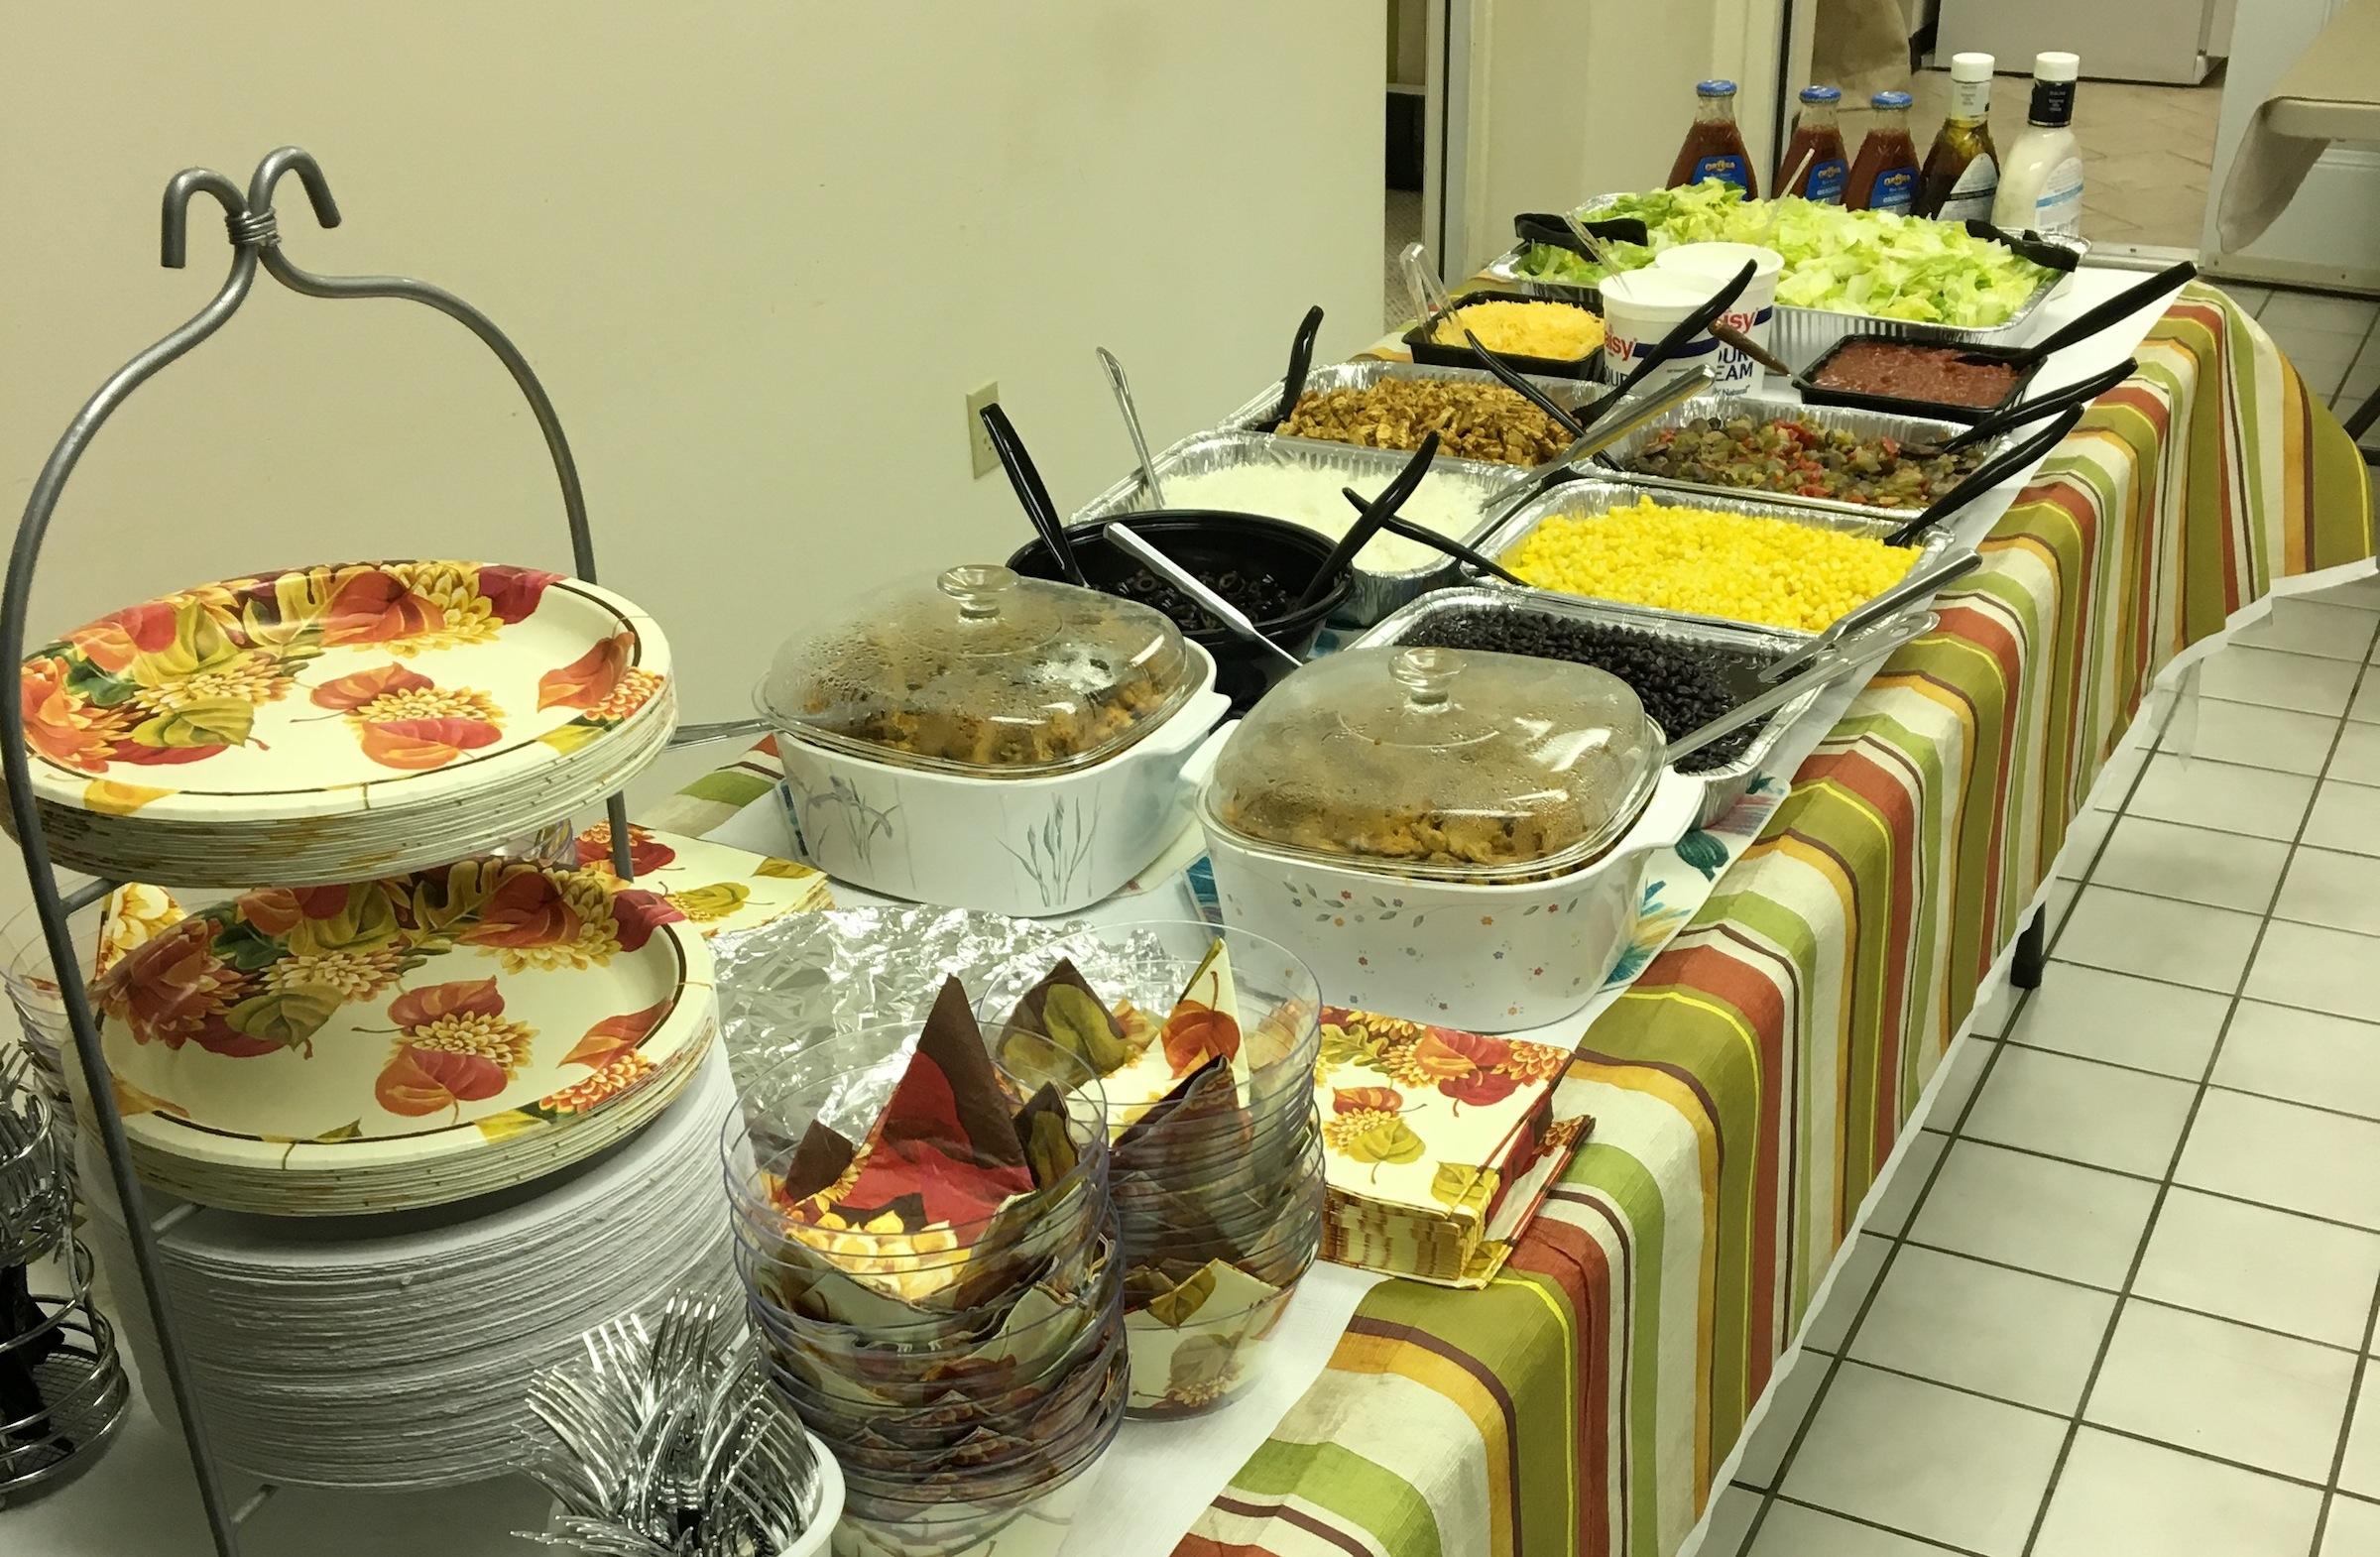 Ahmadiyya mosque buffet